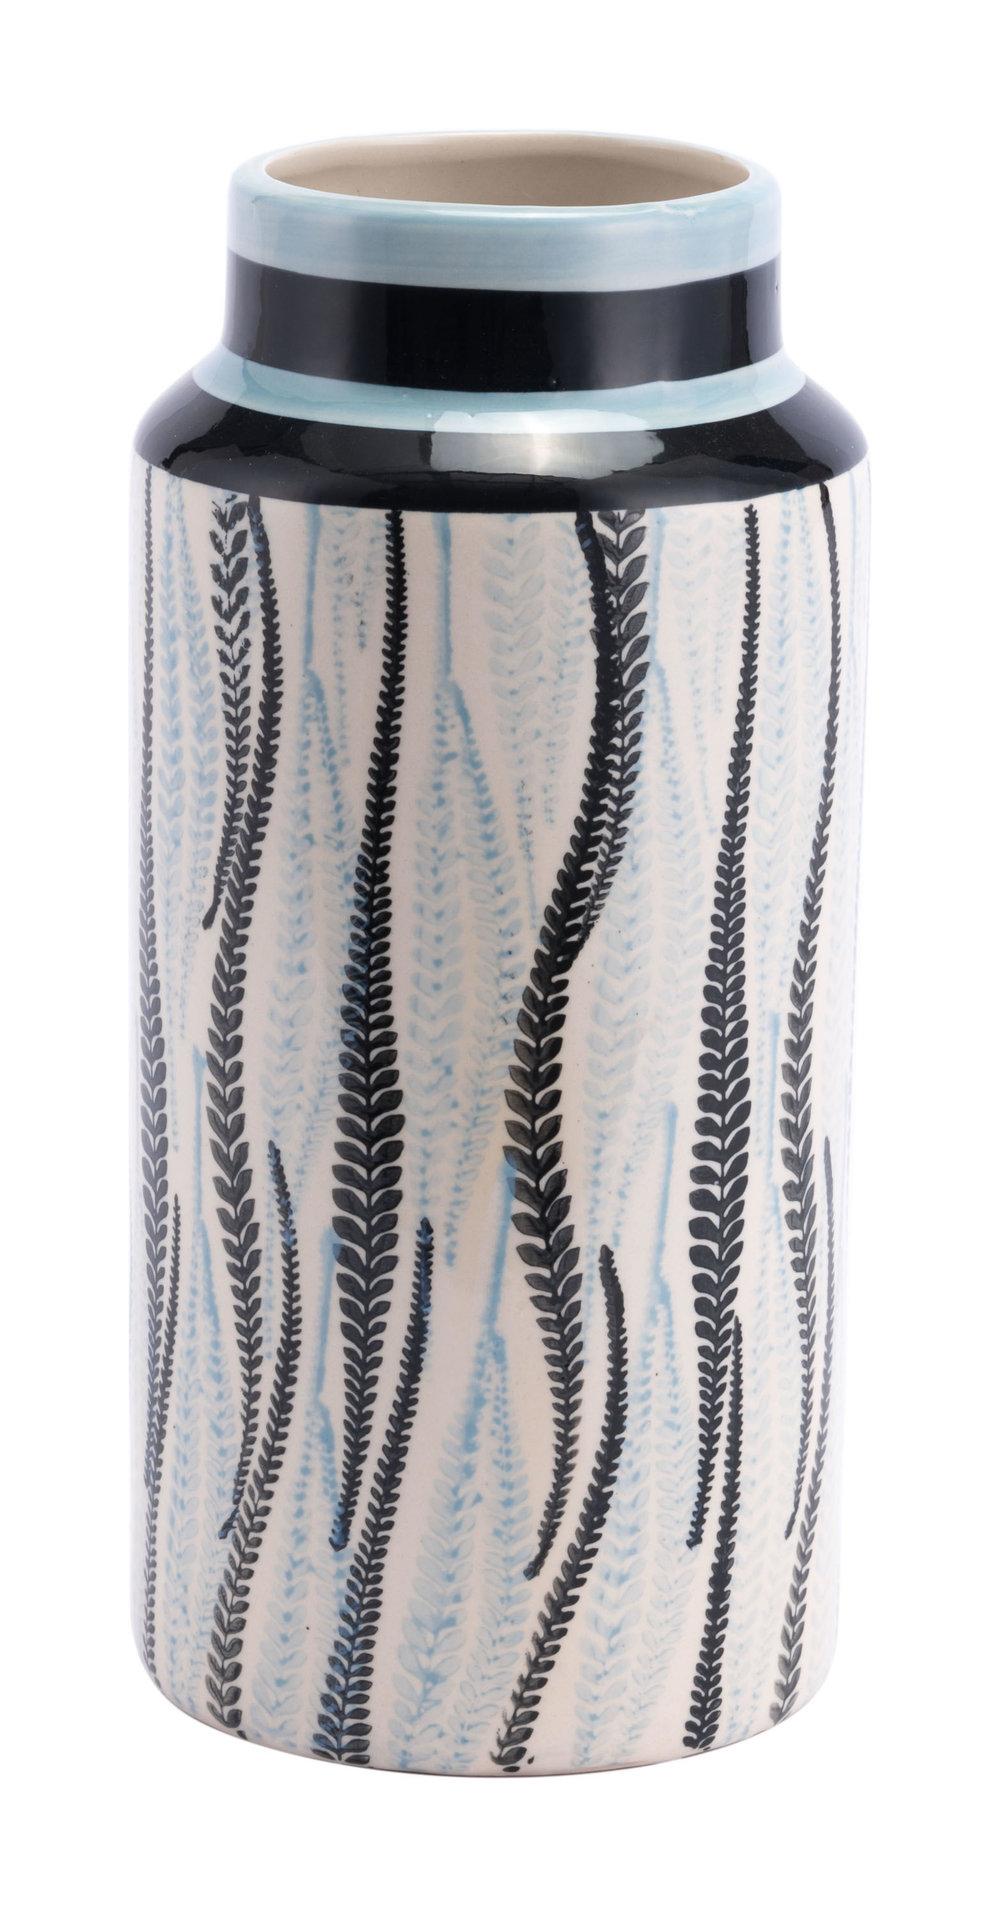 Zuo Modern Contemporary - Small Espiga Vase White & Black